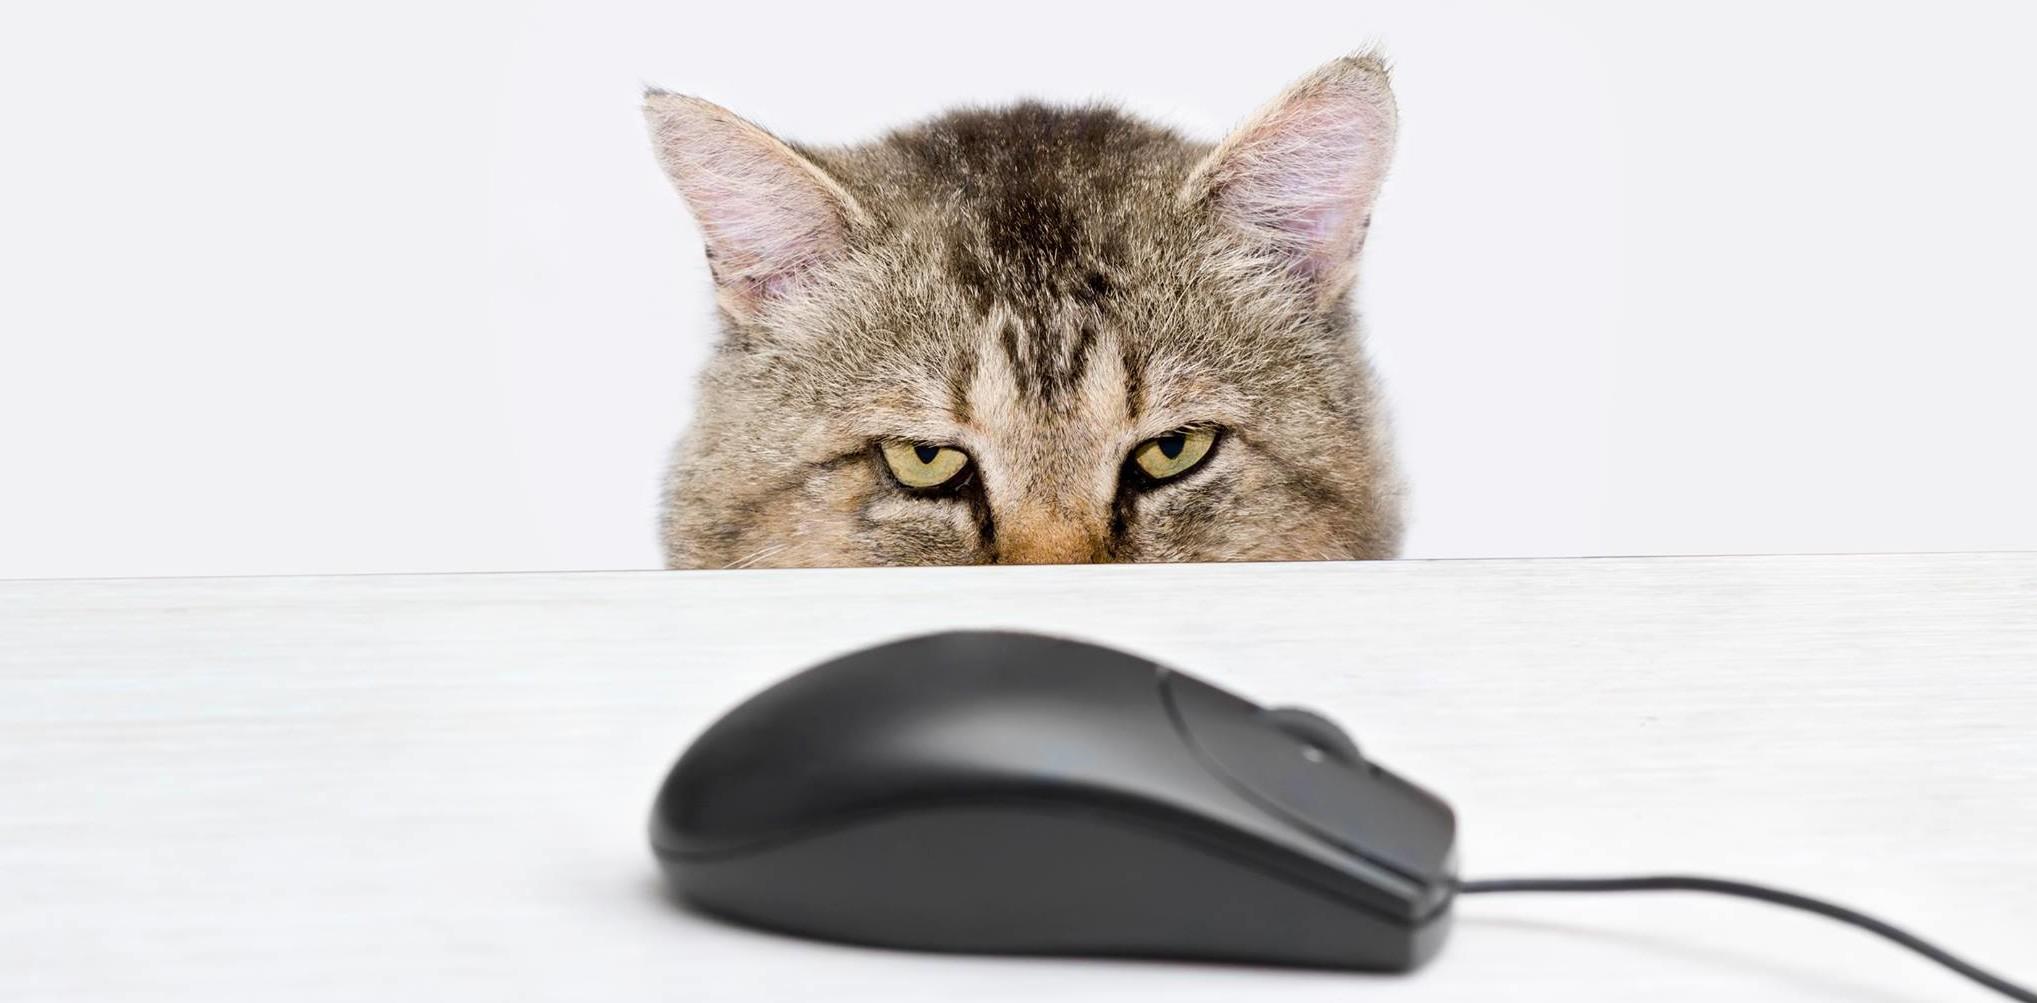 Любителей риска выдаёт мышь